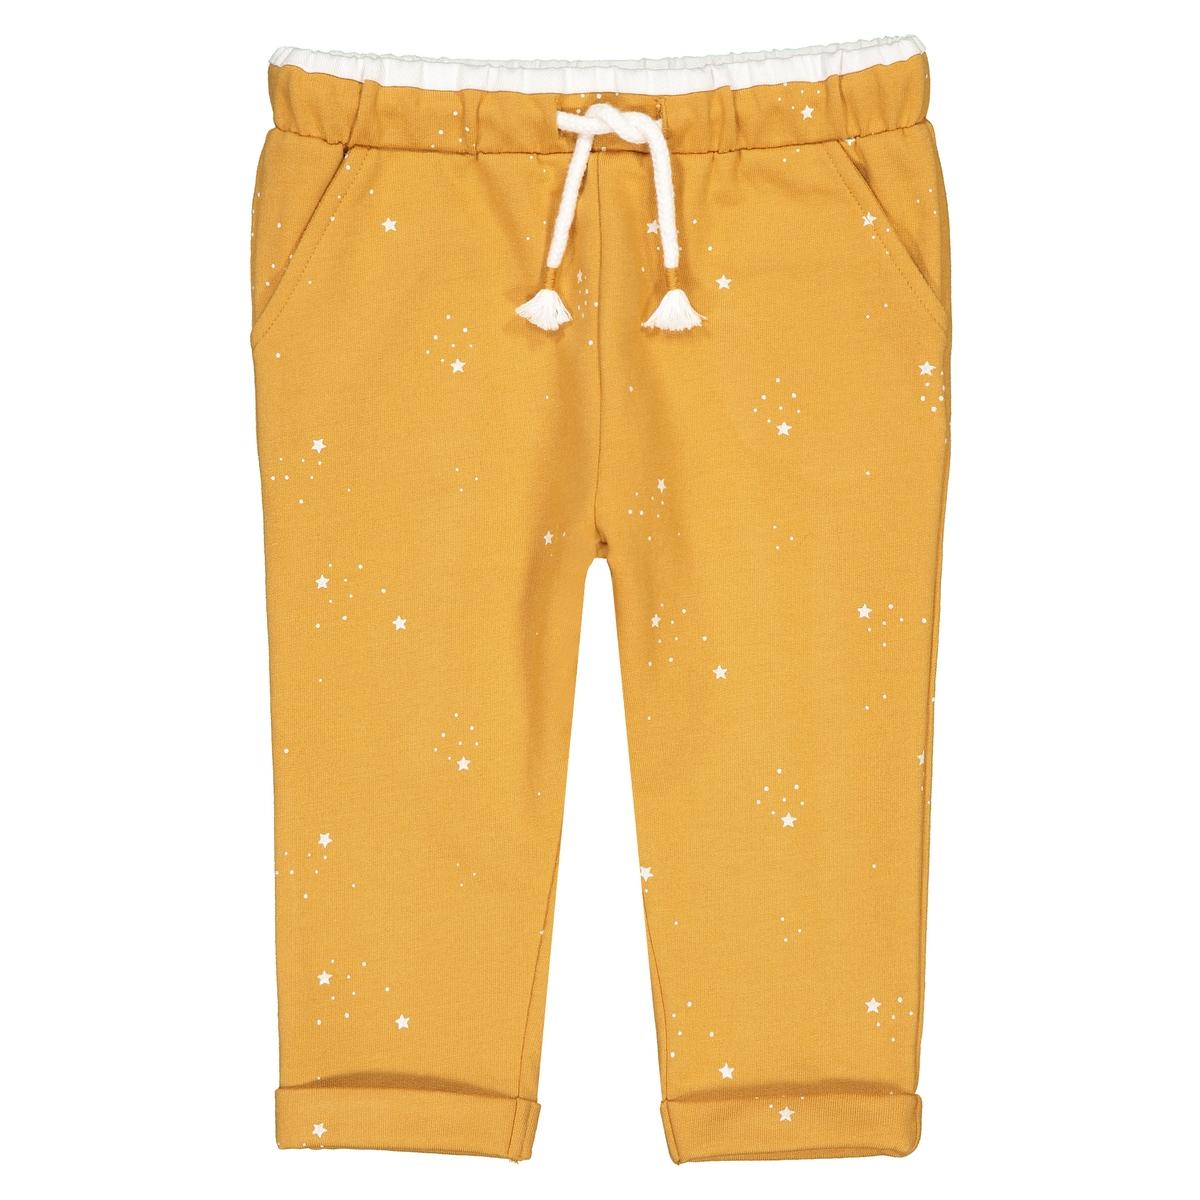 Брюки La Redoute Из мольтона с принтом звезды мес- года 18 мес. - 81 см желтый комбинезон la redoute на тонких бретелях с принтом мес 18 мес 81 см другие